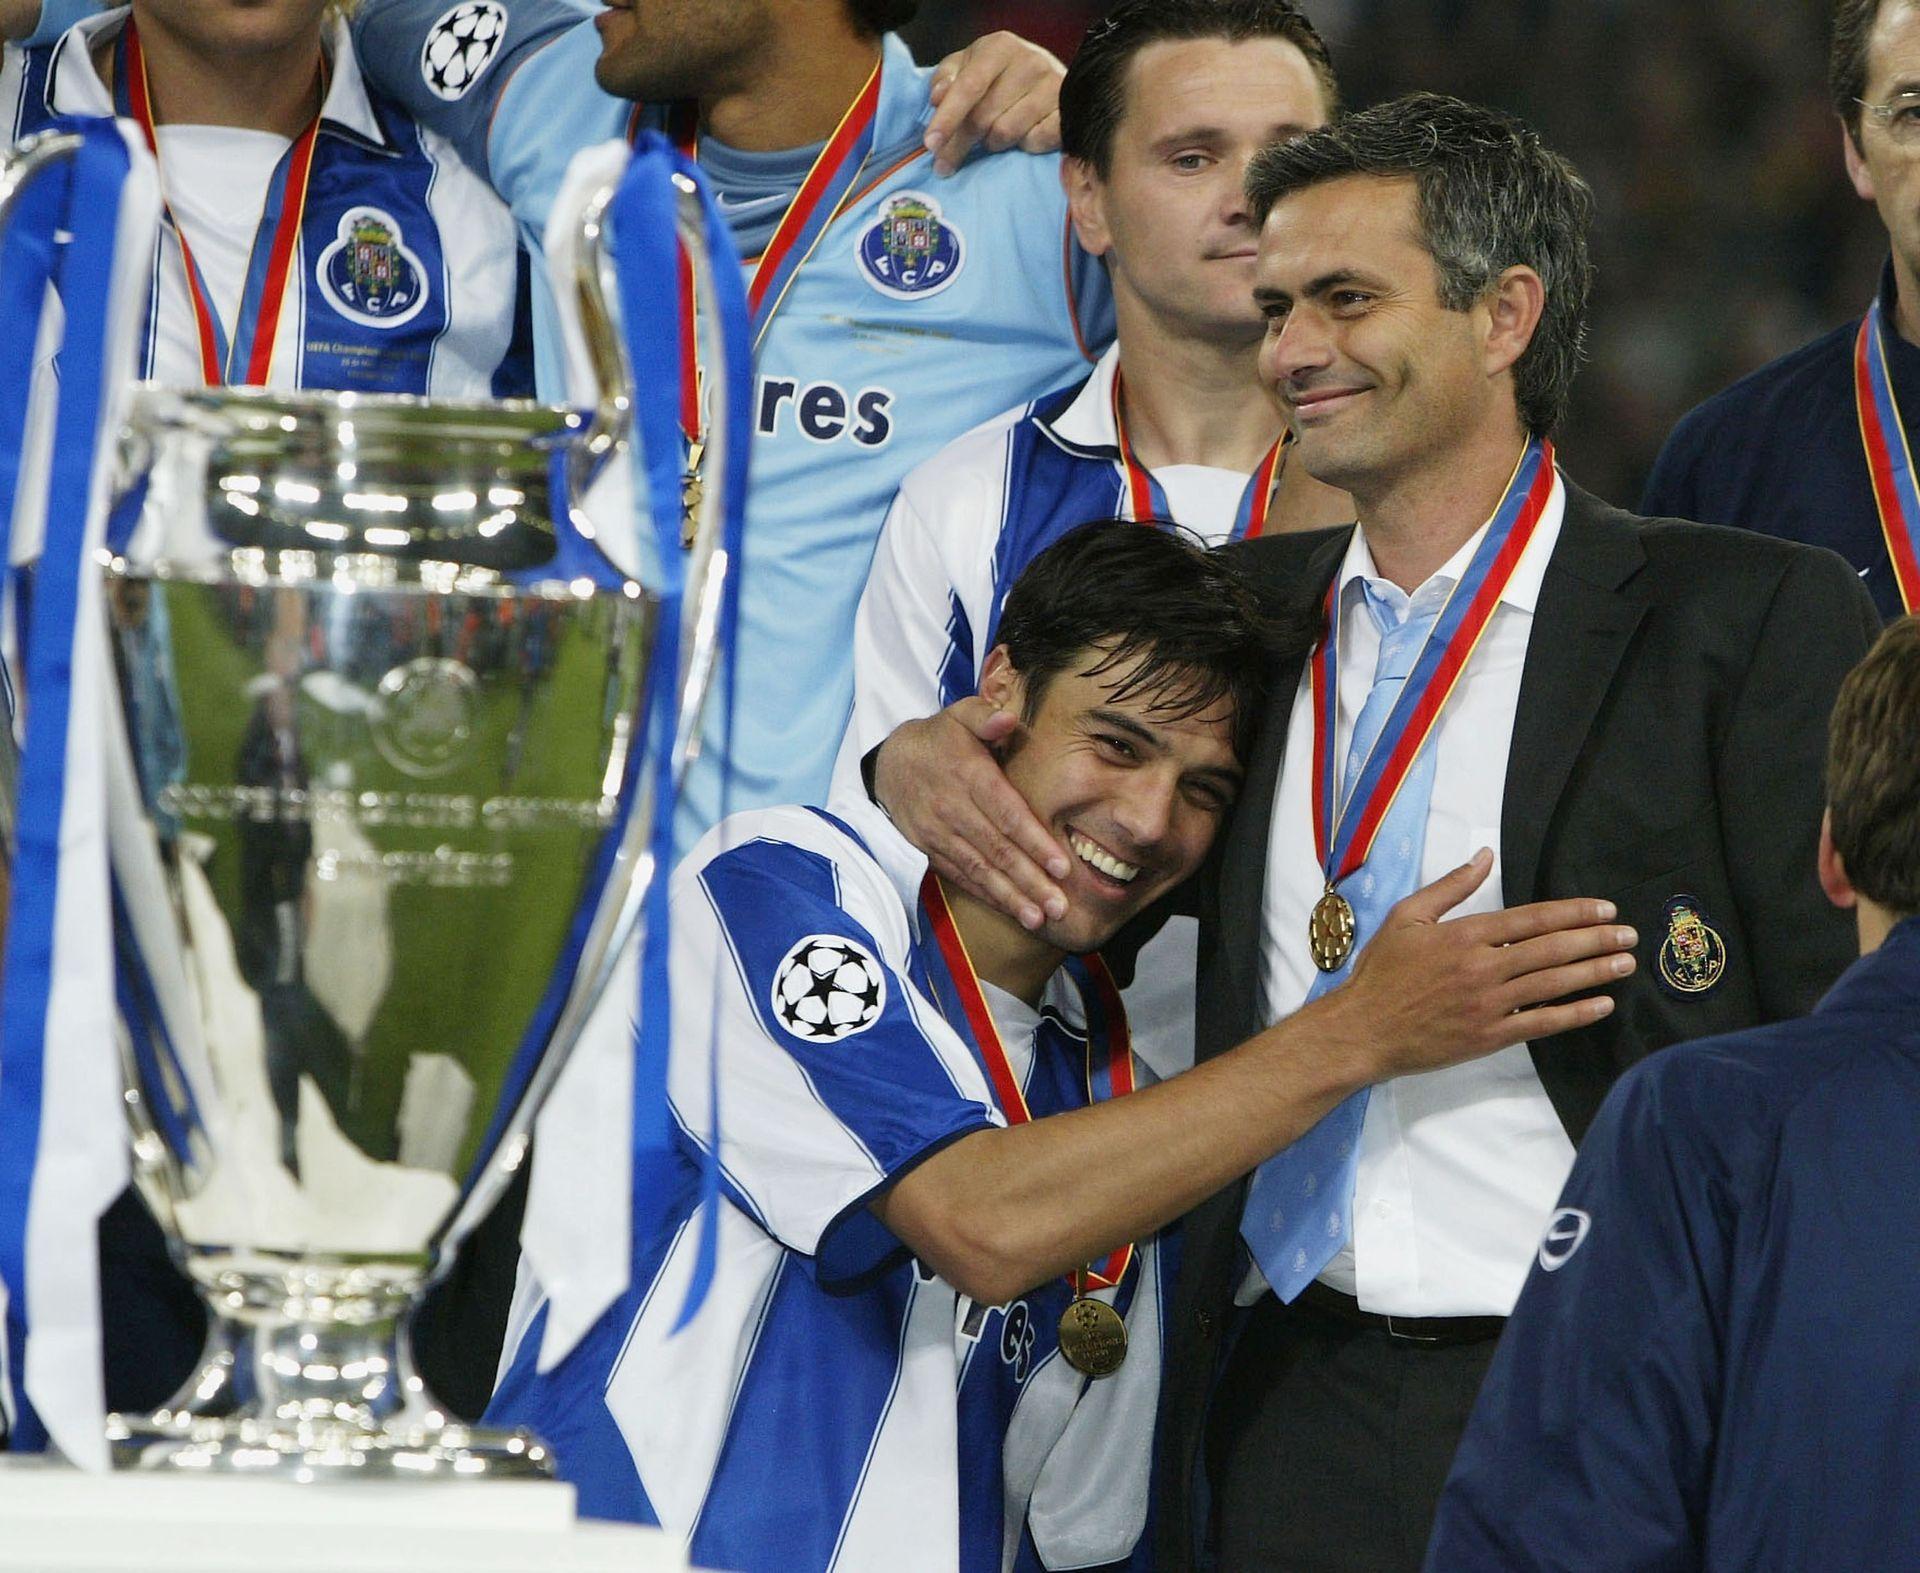 Треньор на тима ще е Жозе Моуриньо, който има 2 триумфа с тимовете на Порто и Интер